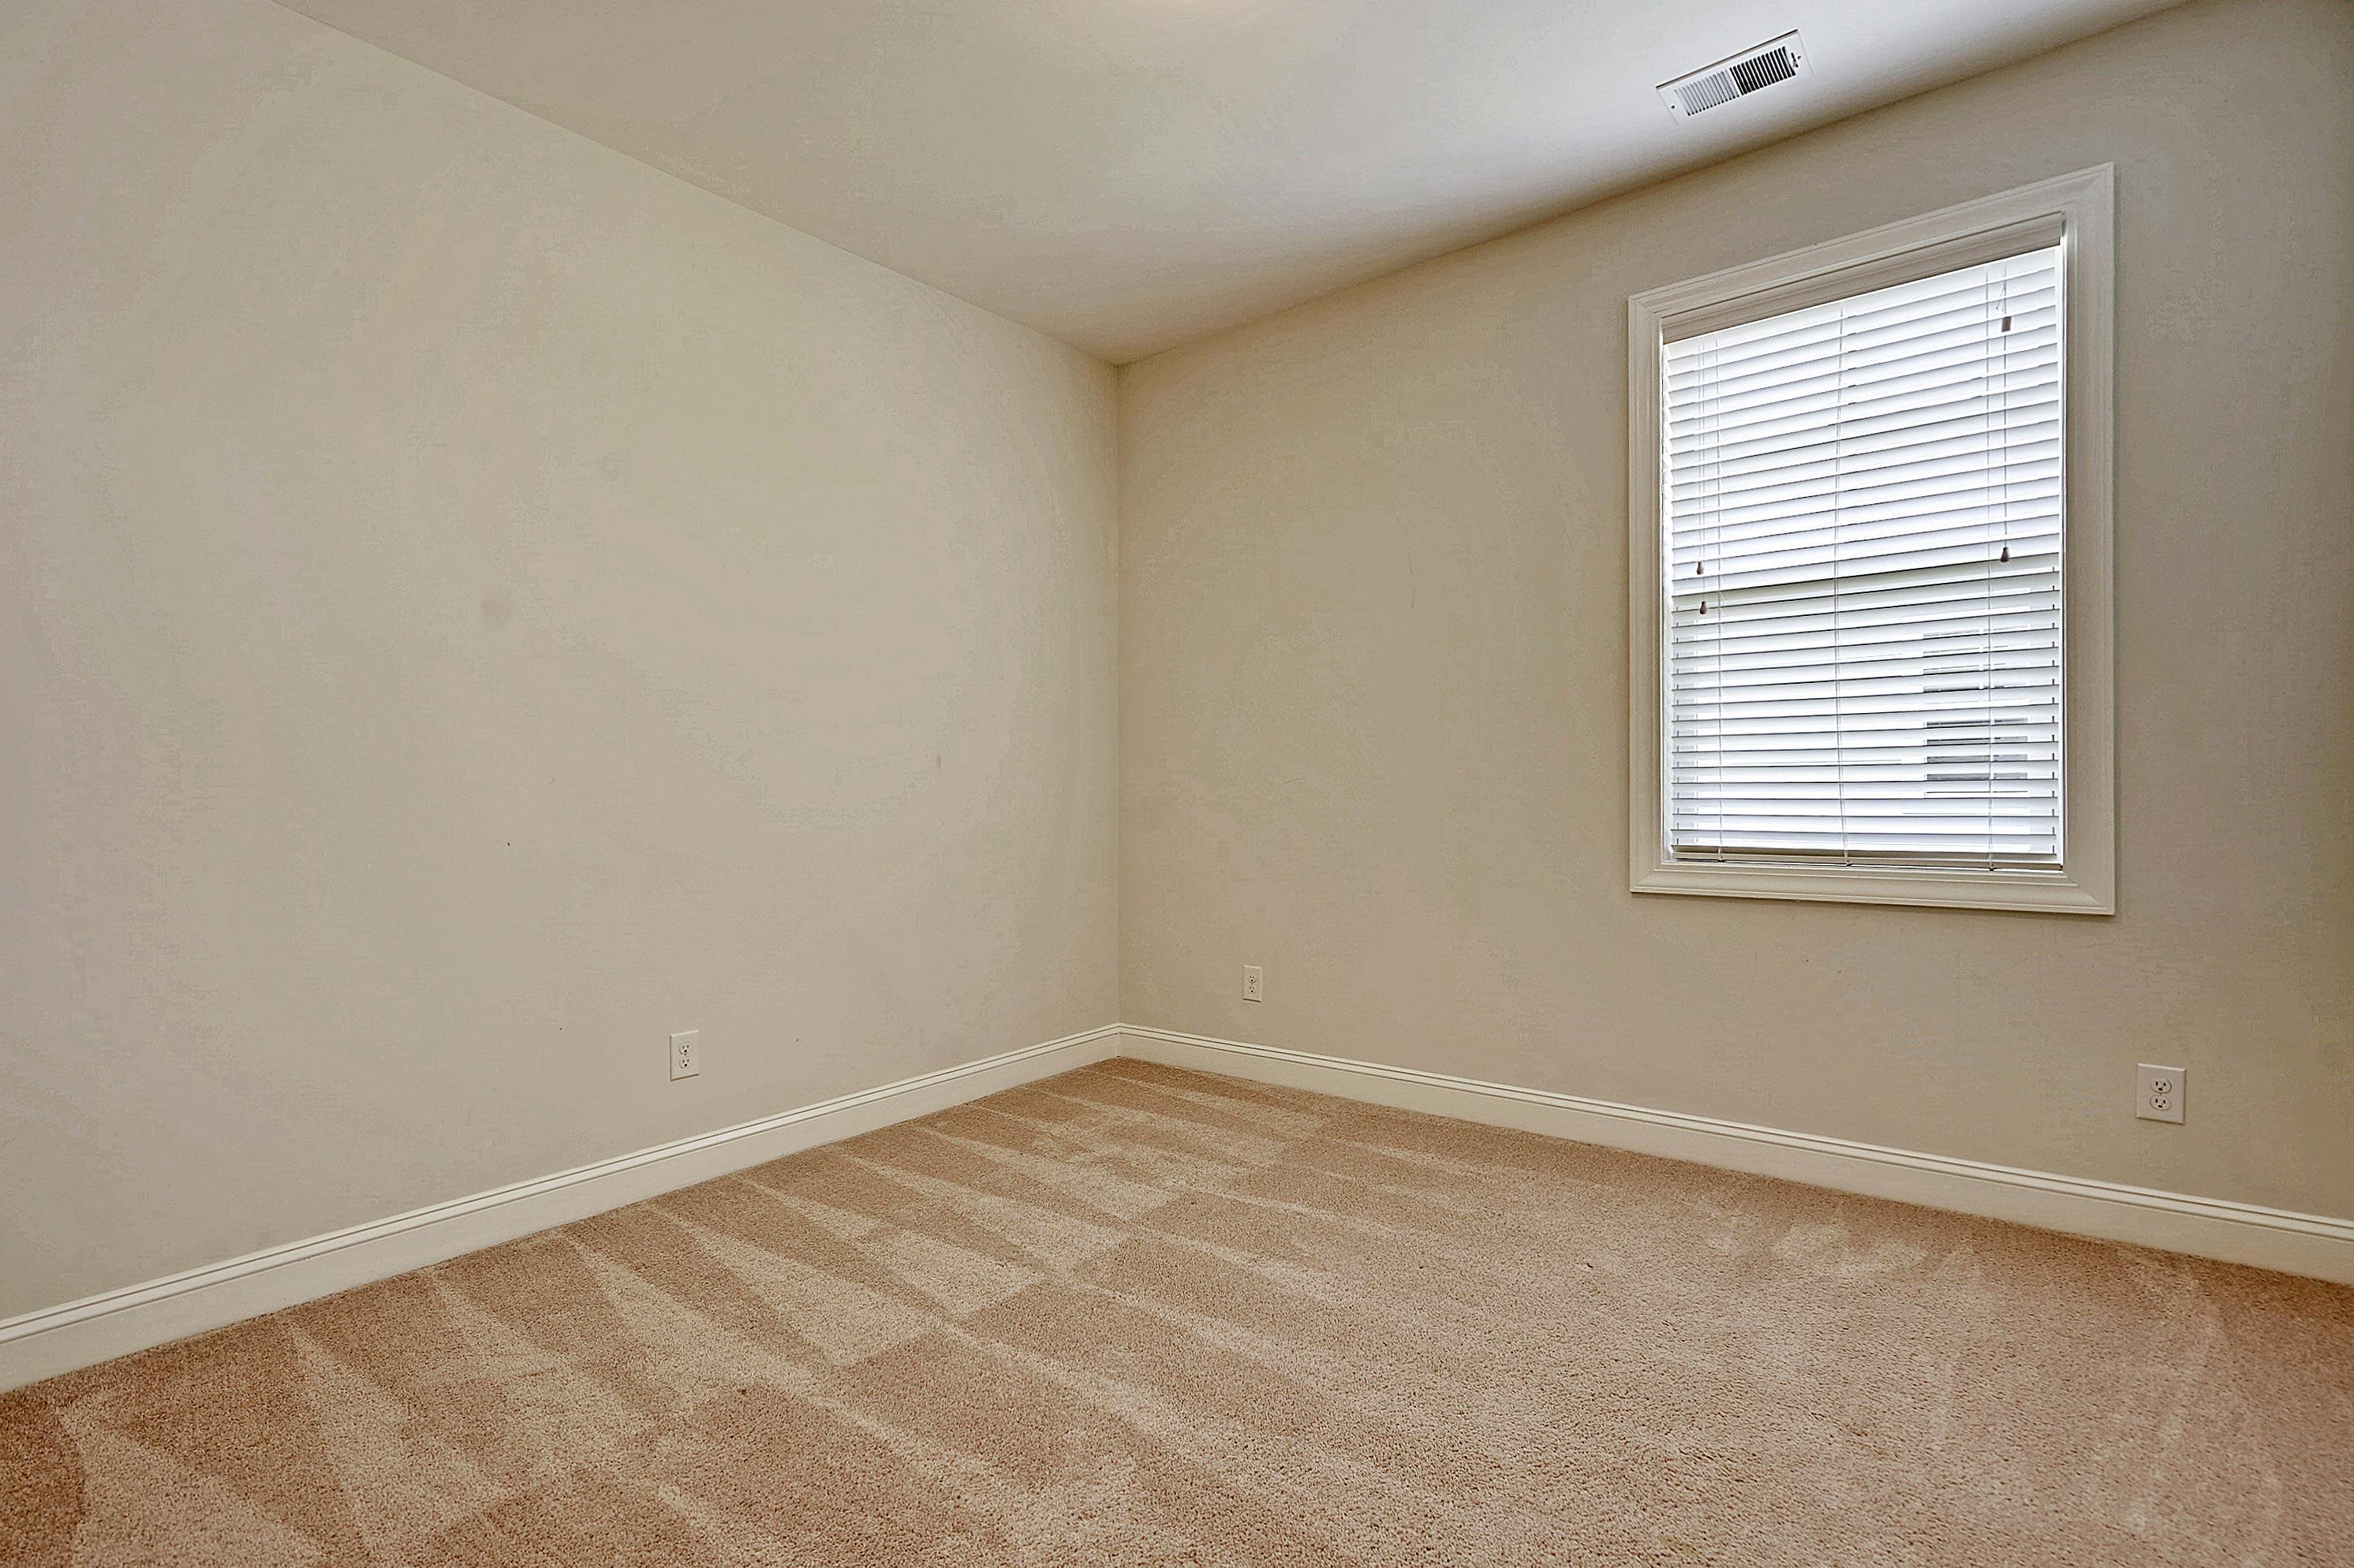 Park West Homes For Sale - 1638 Mermentau, Mount Pleasant, SC - 0